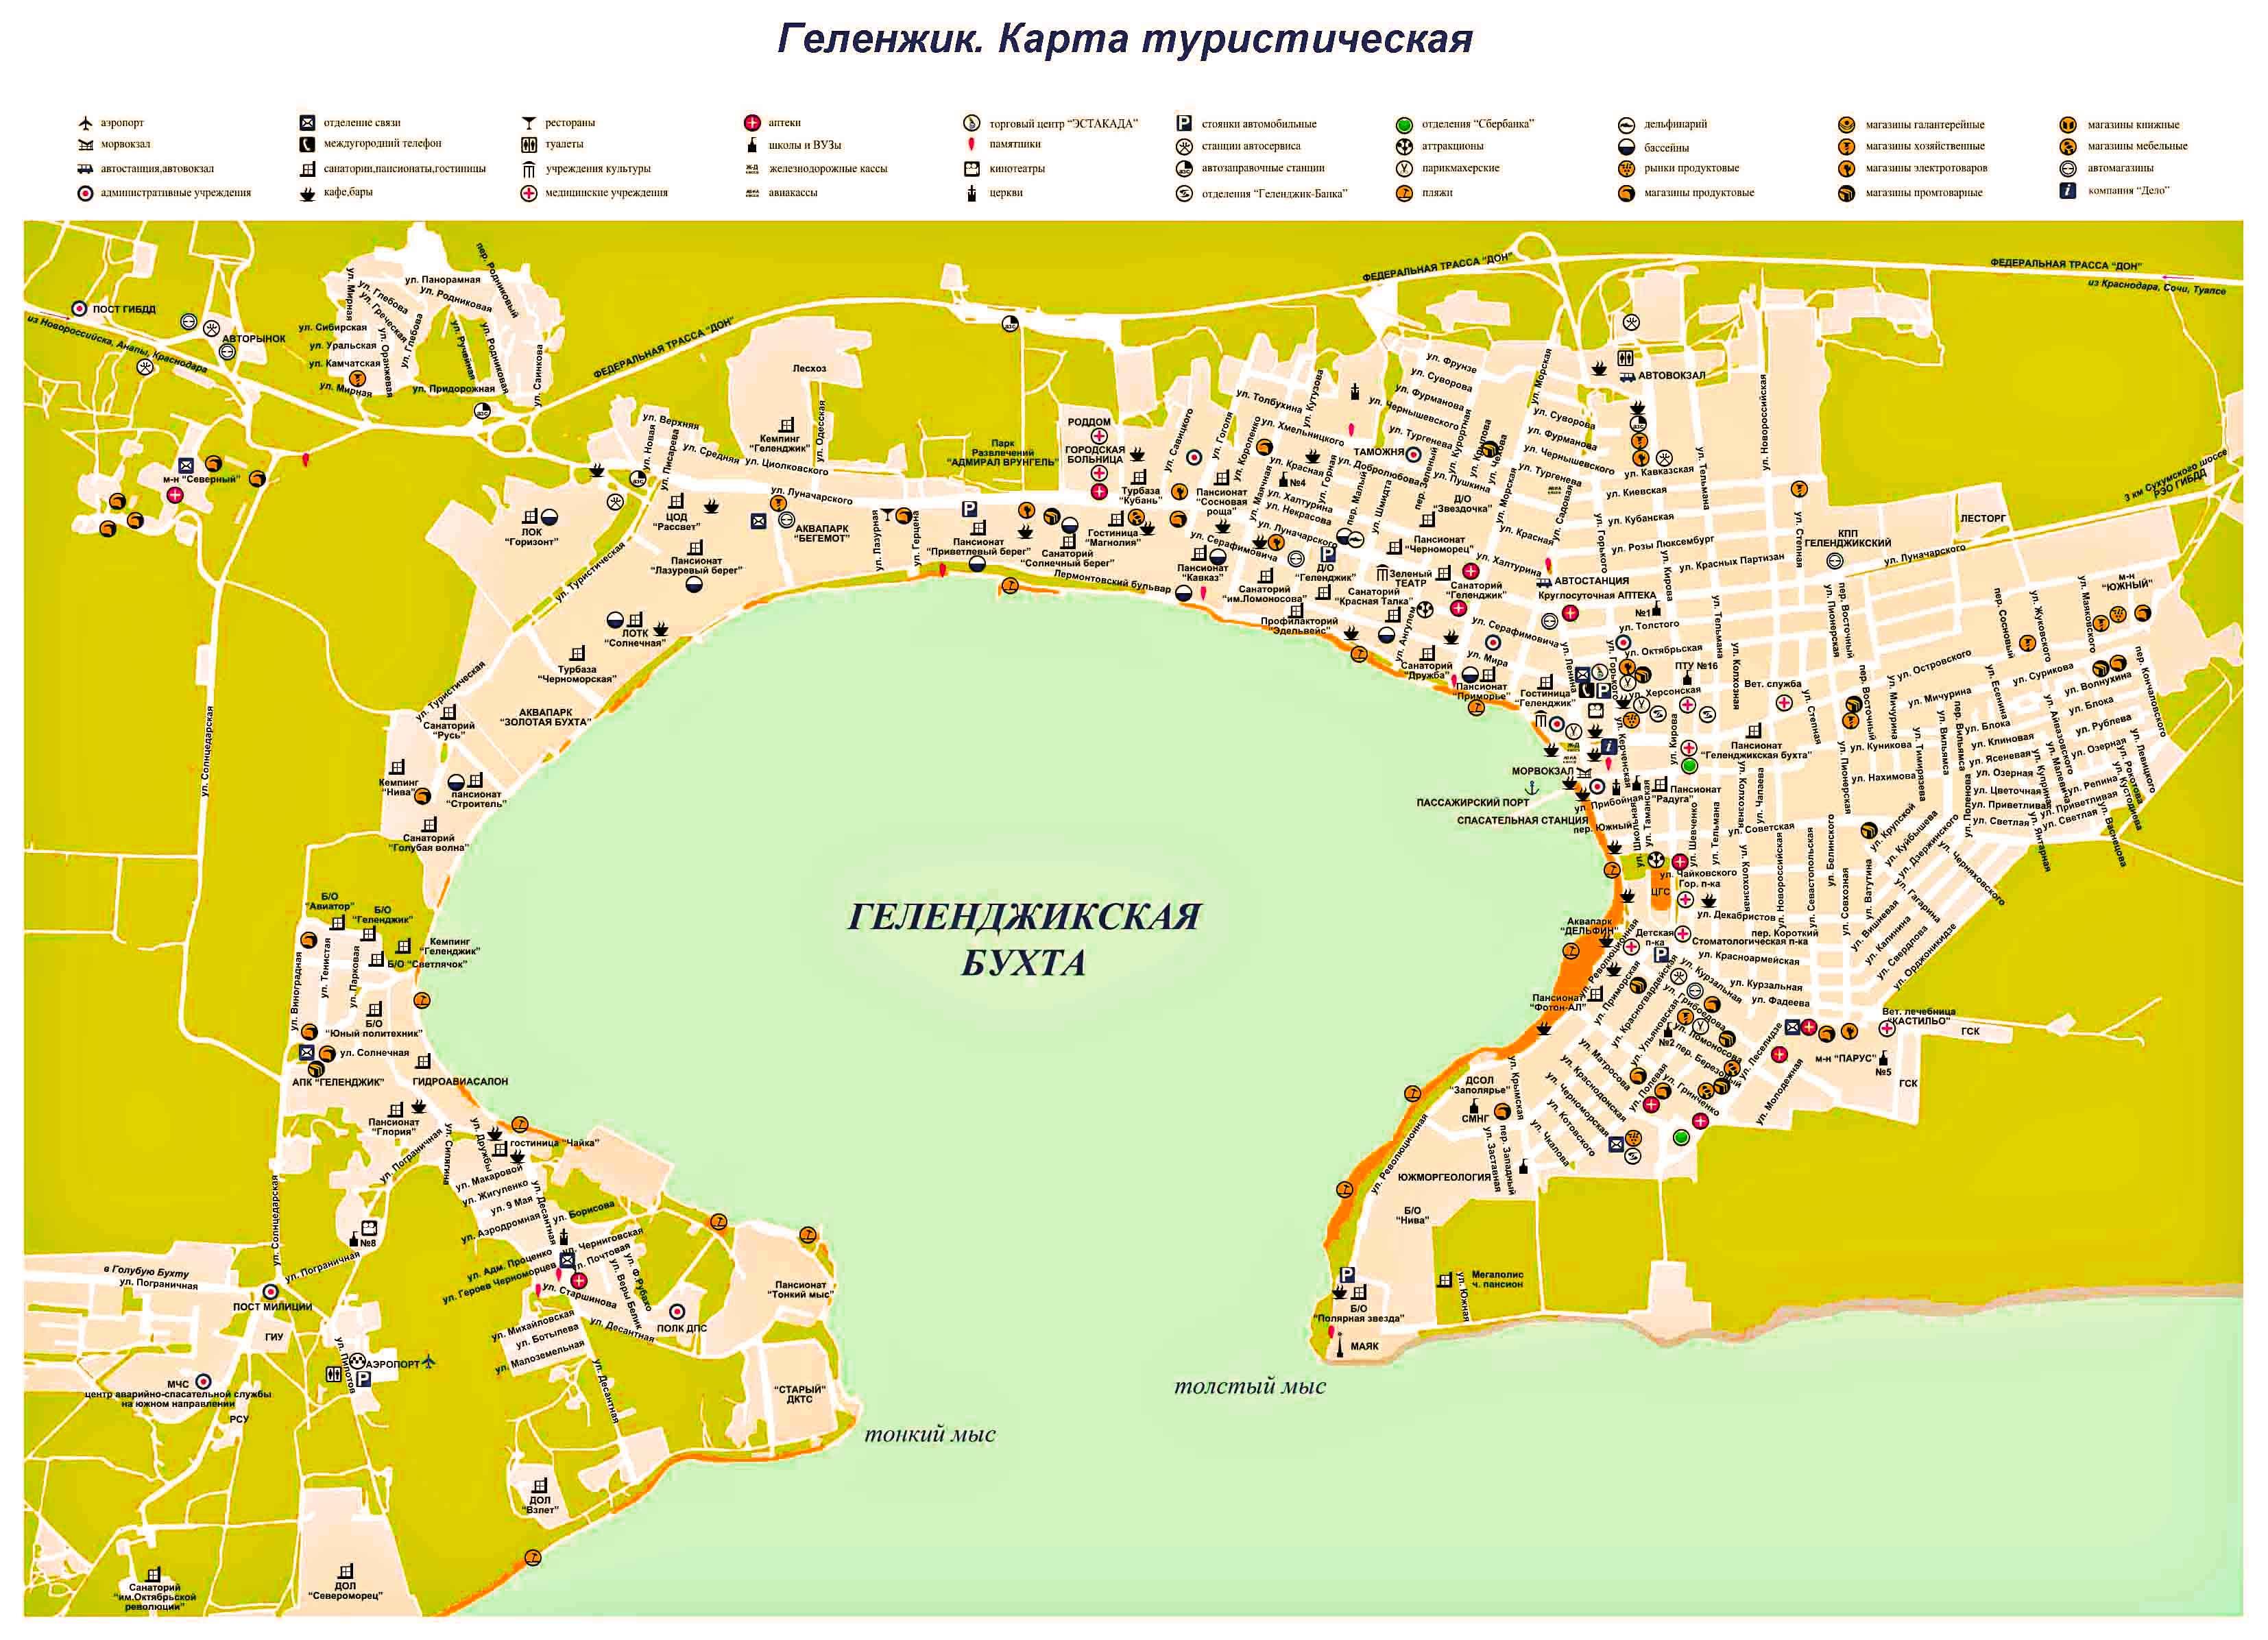 Карта Города Геленджик